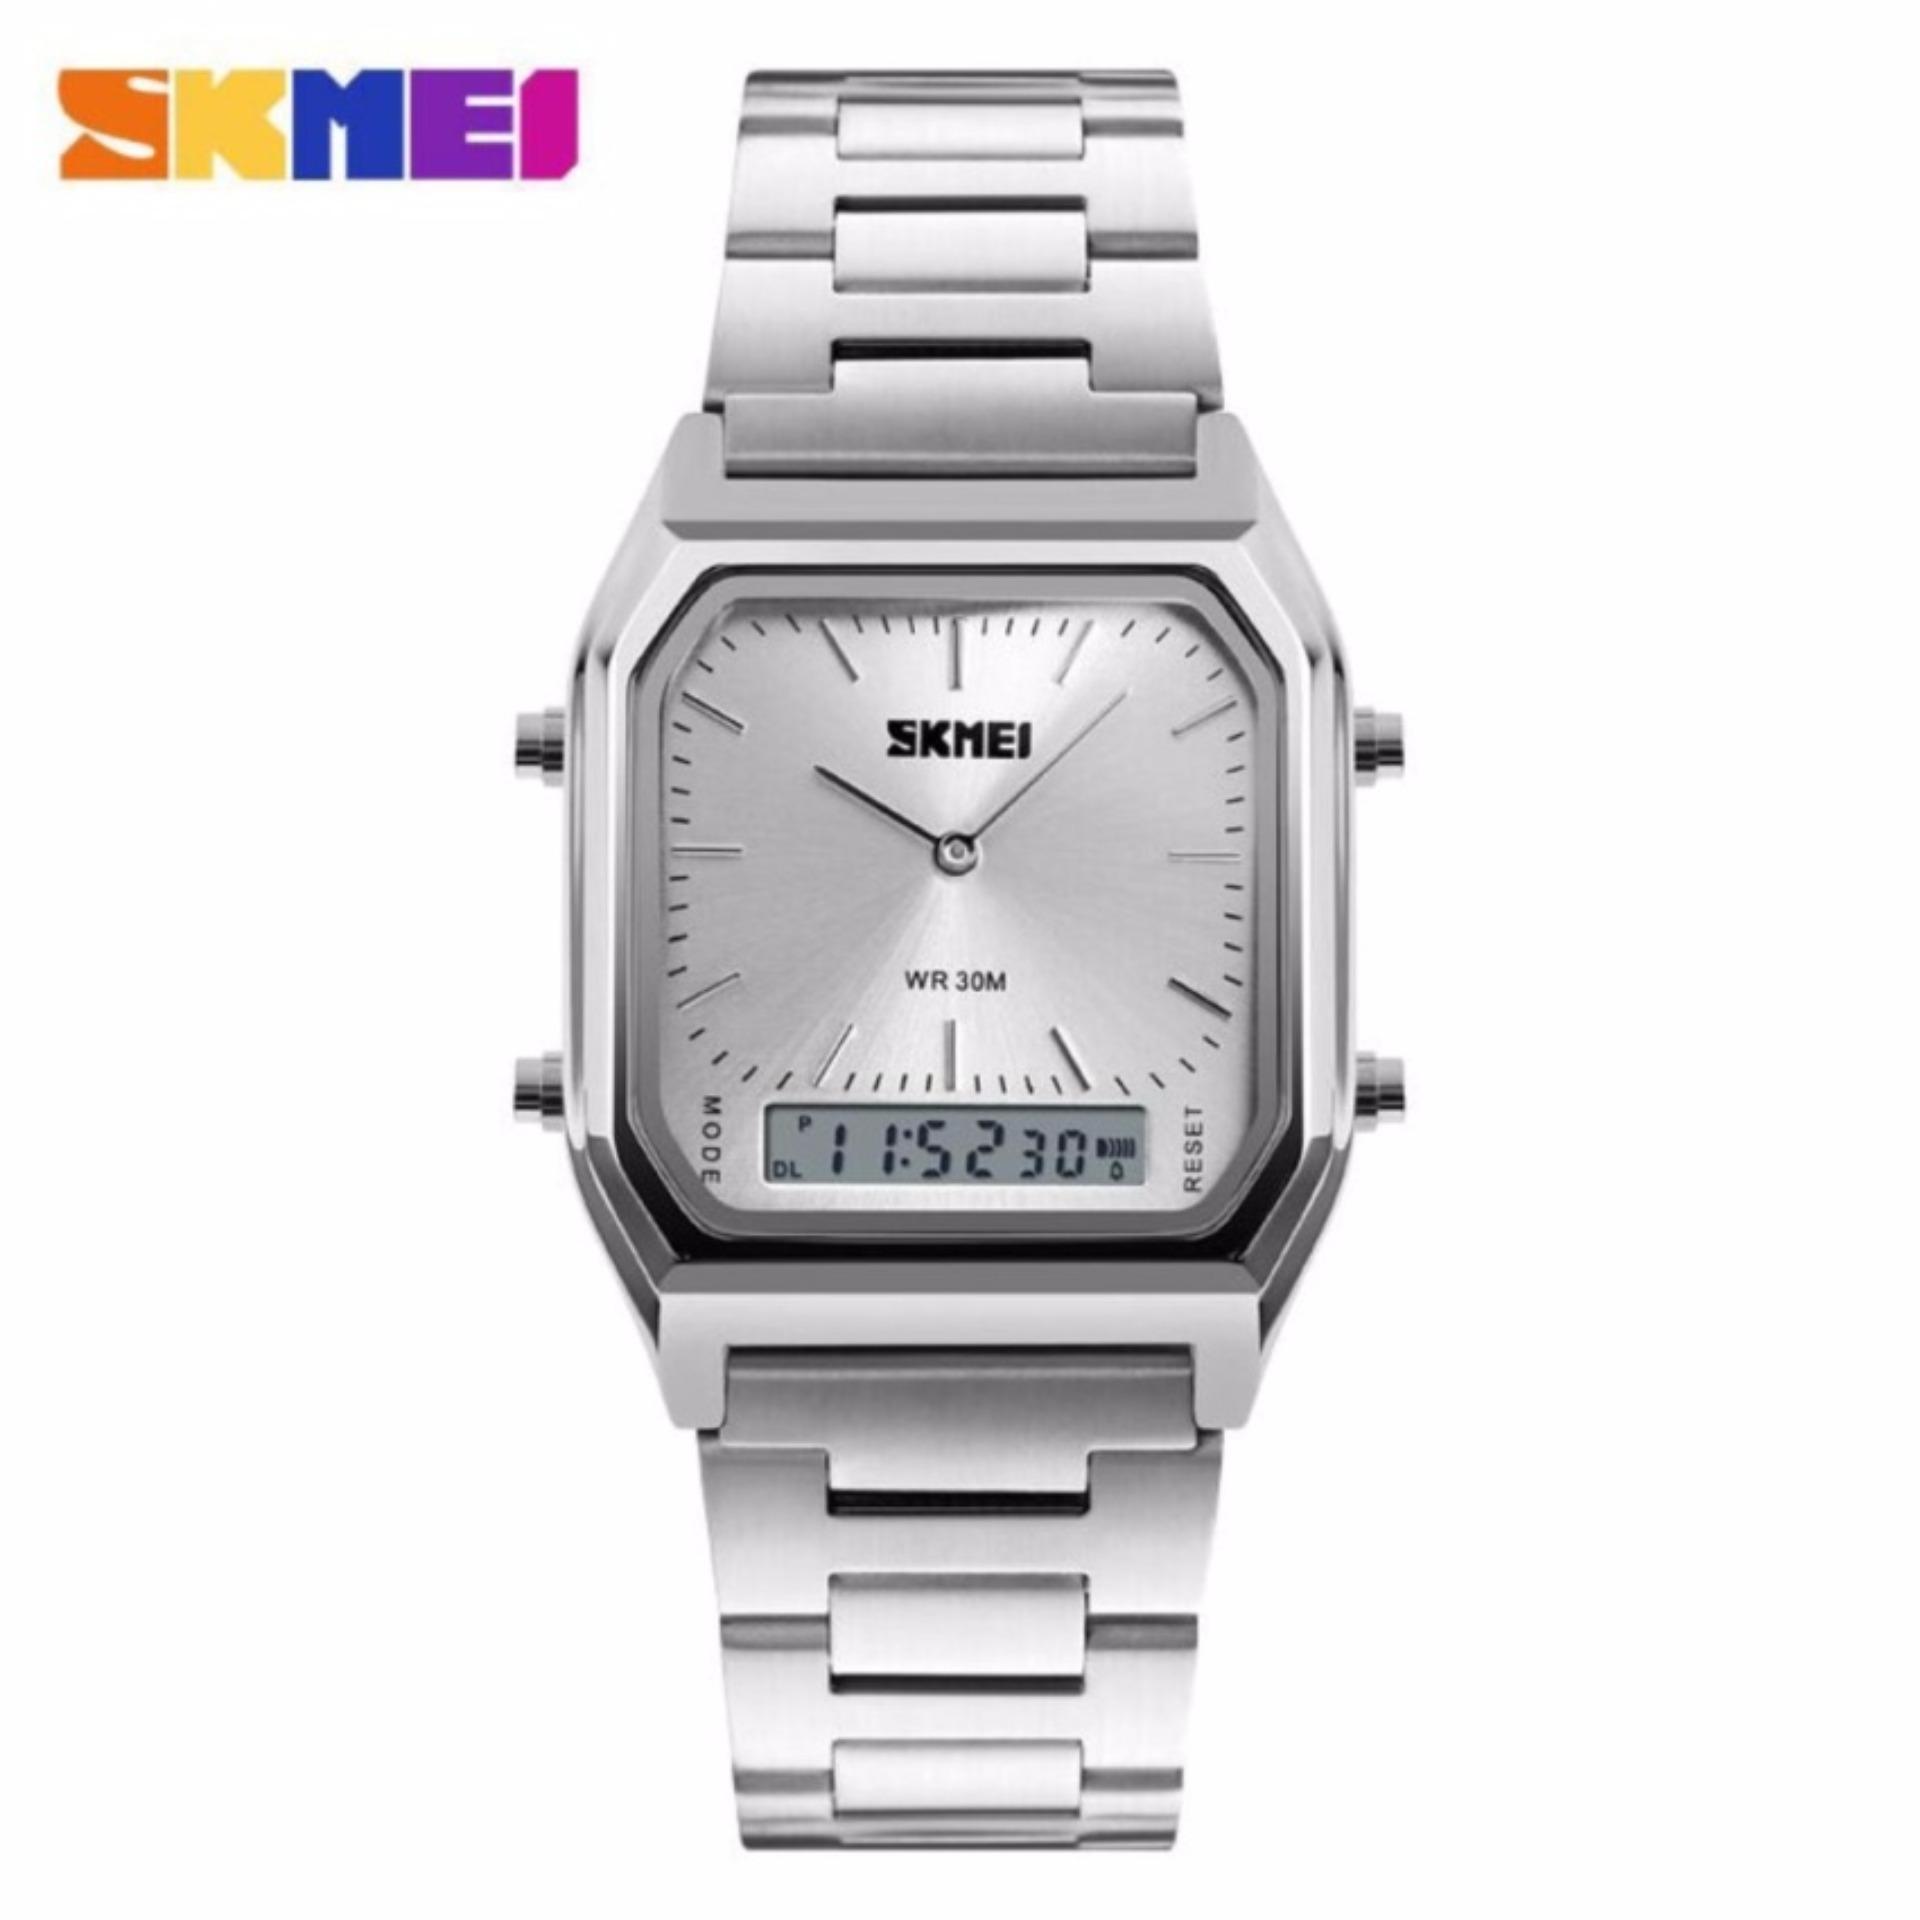 SKMEI Men Sport Quartz Watch Water Resistant Anti Air WR 30m DG1220 Jam Tangan Pria Dual